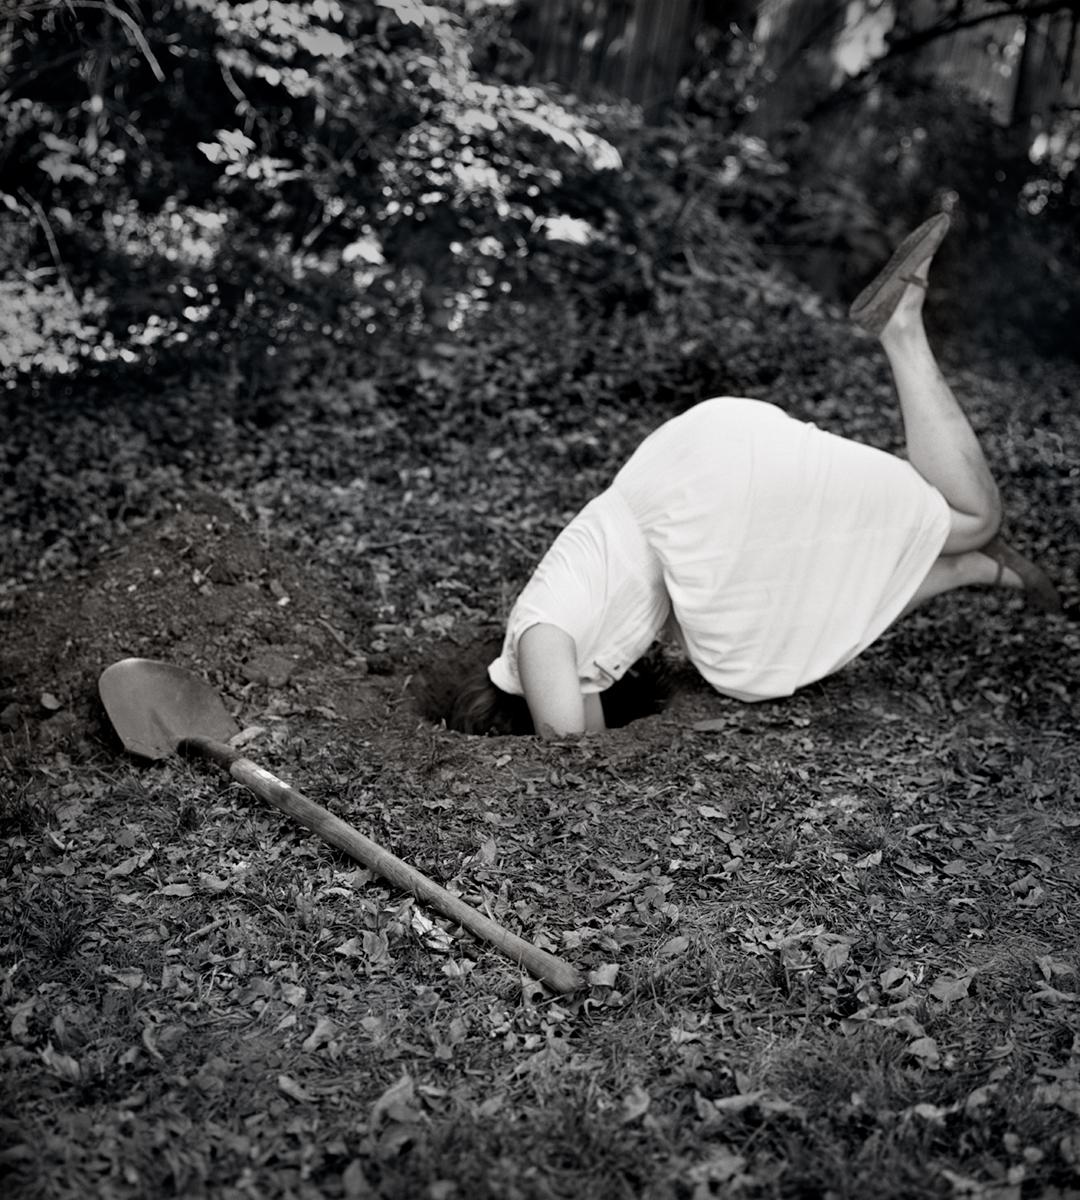 Rebecca Drolen, Escape Attempt No. 5, 2007